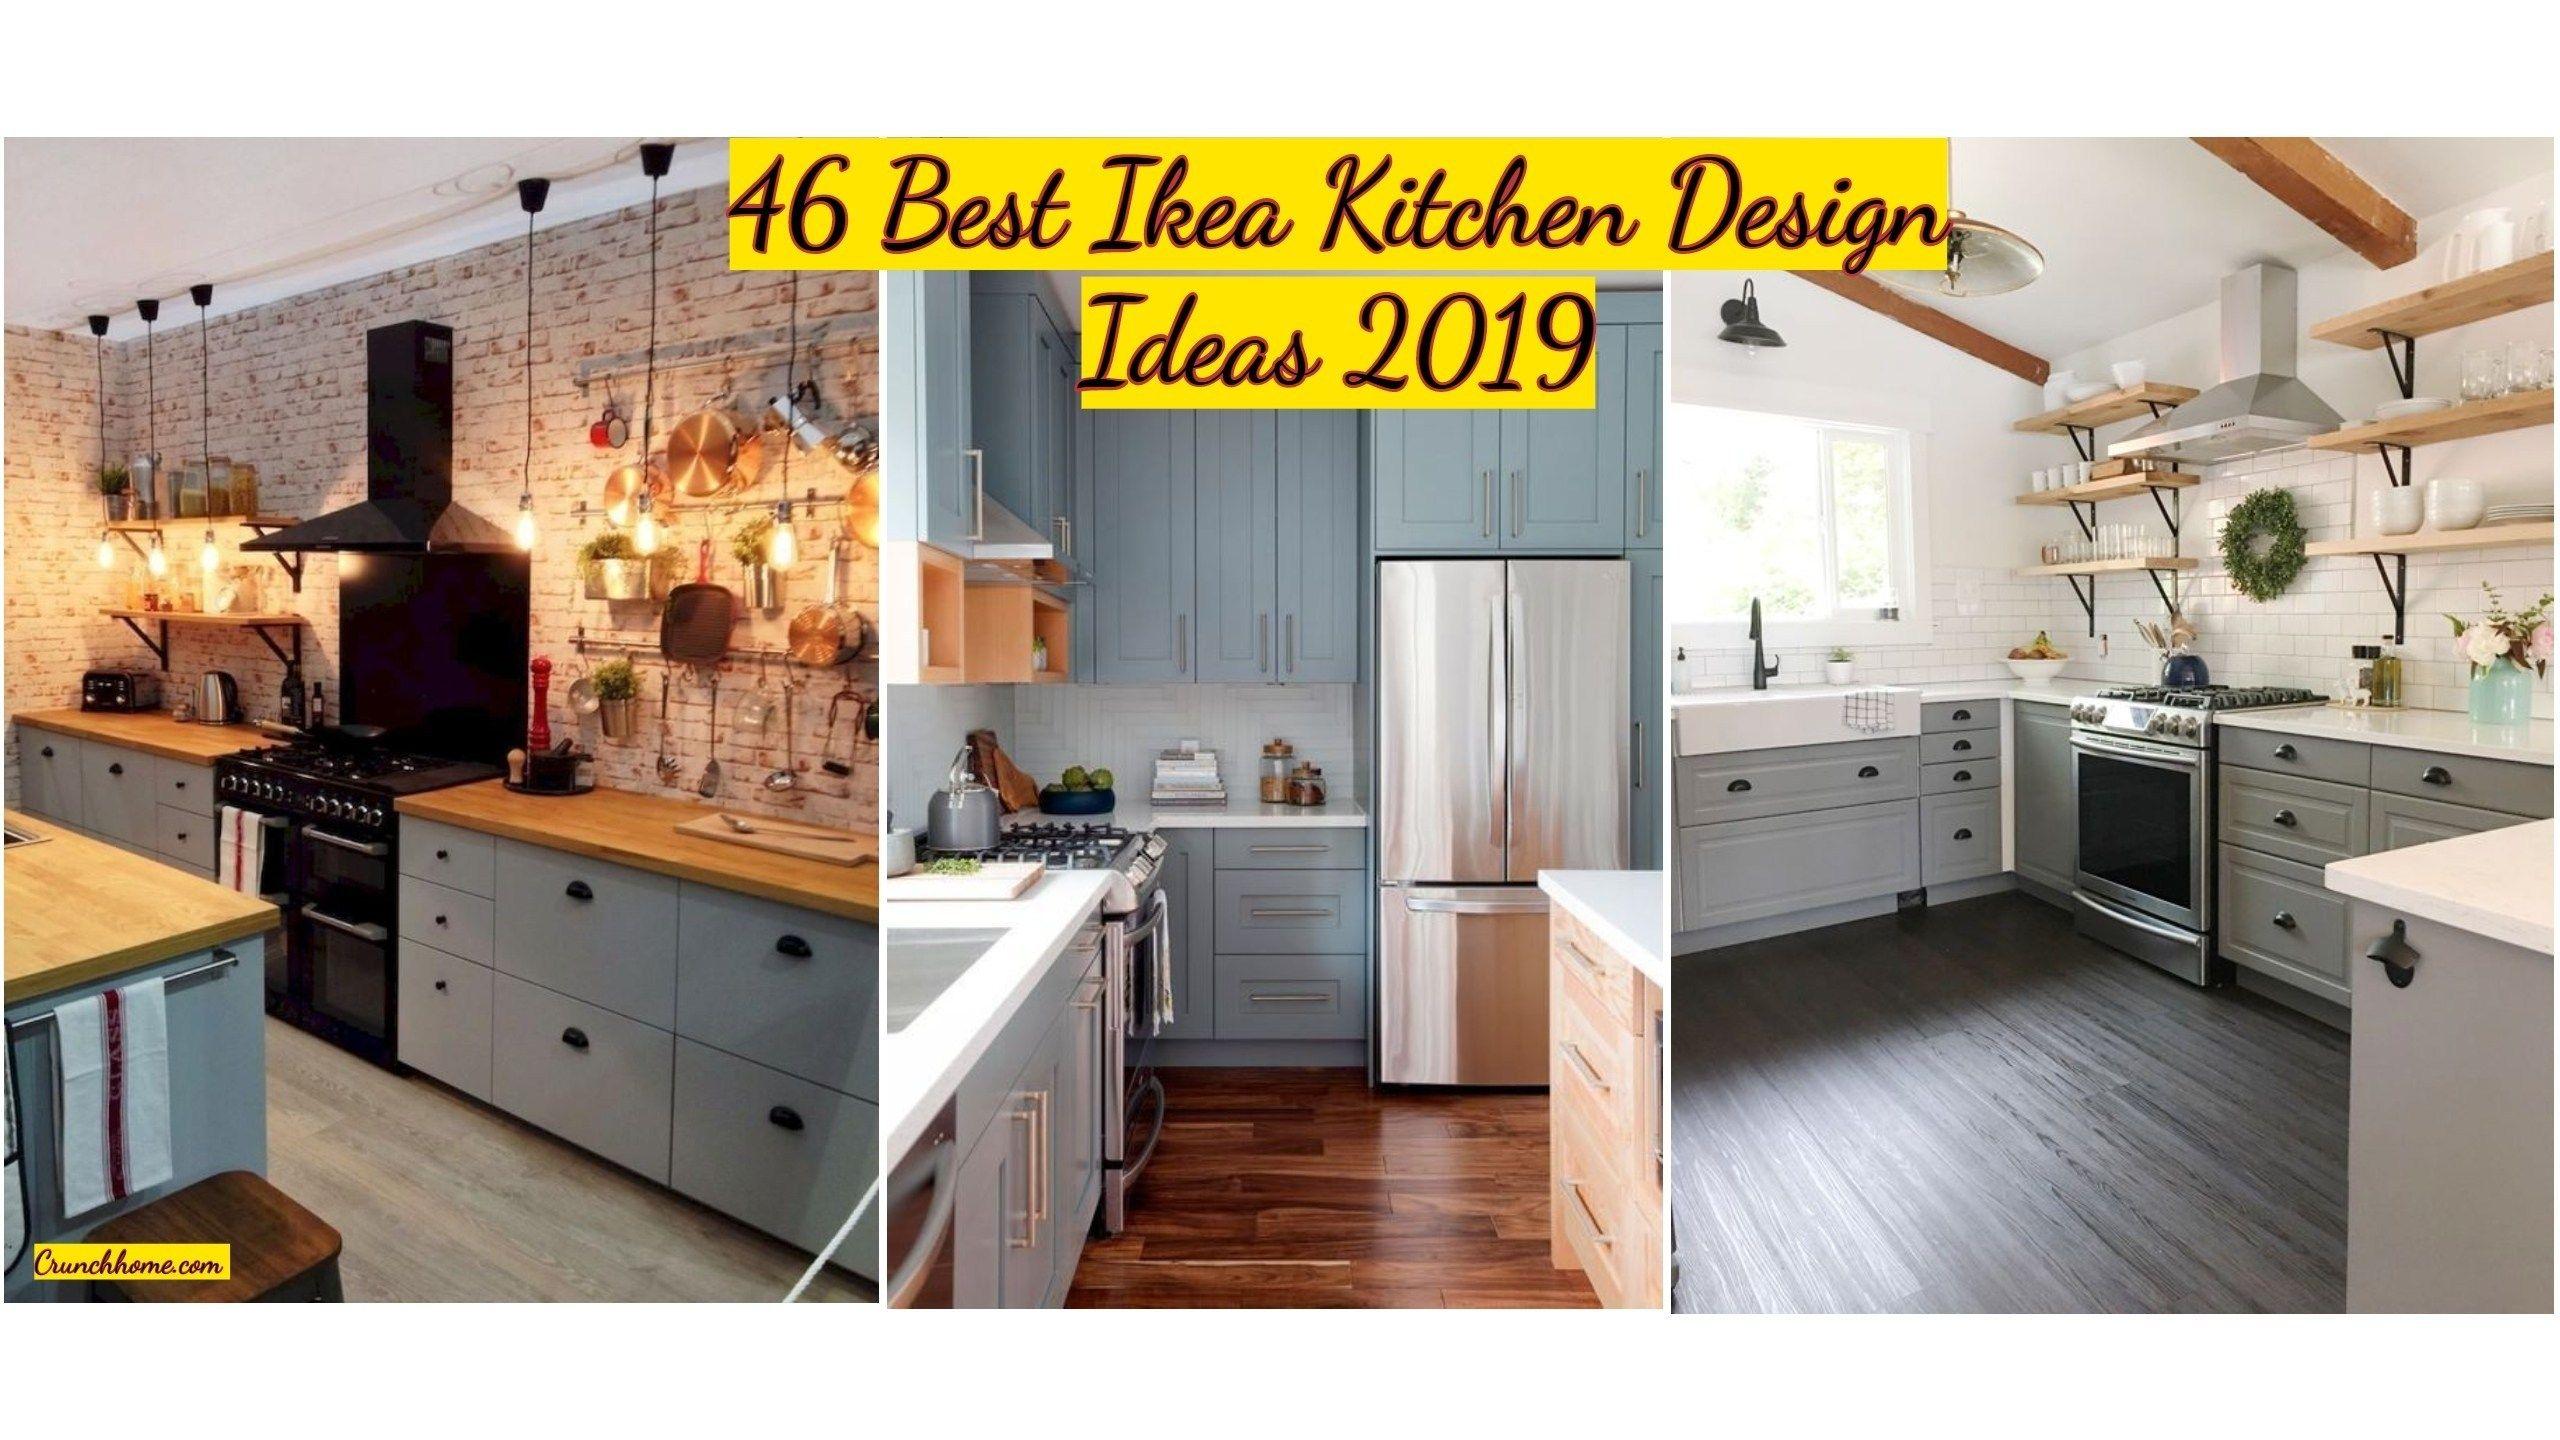 46 Best Ikea Kitchen Design Ideas 2019 Online Kitchen Design